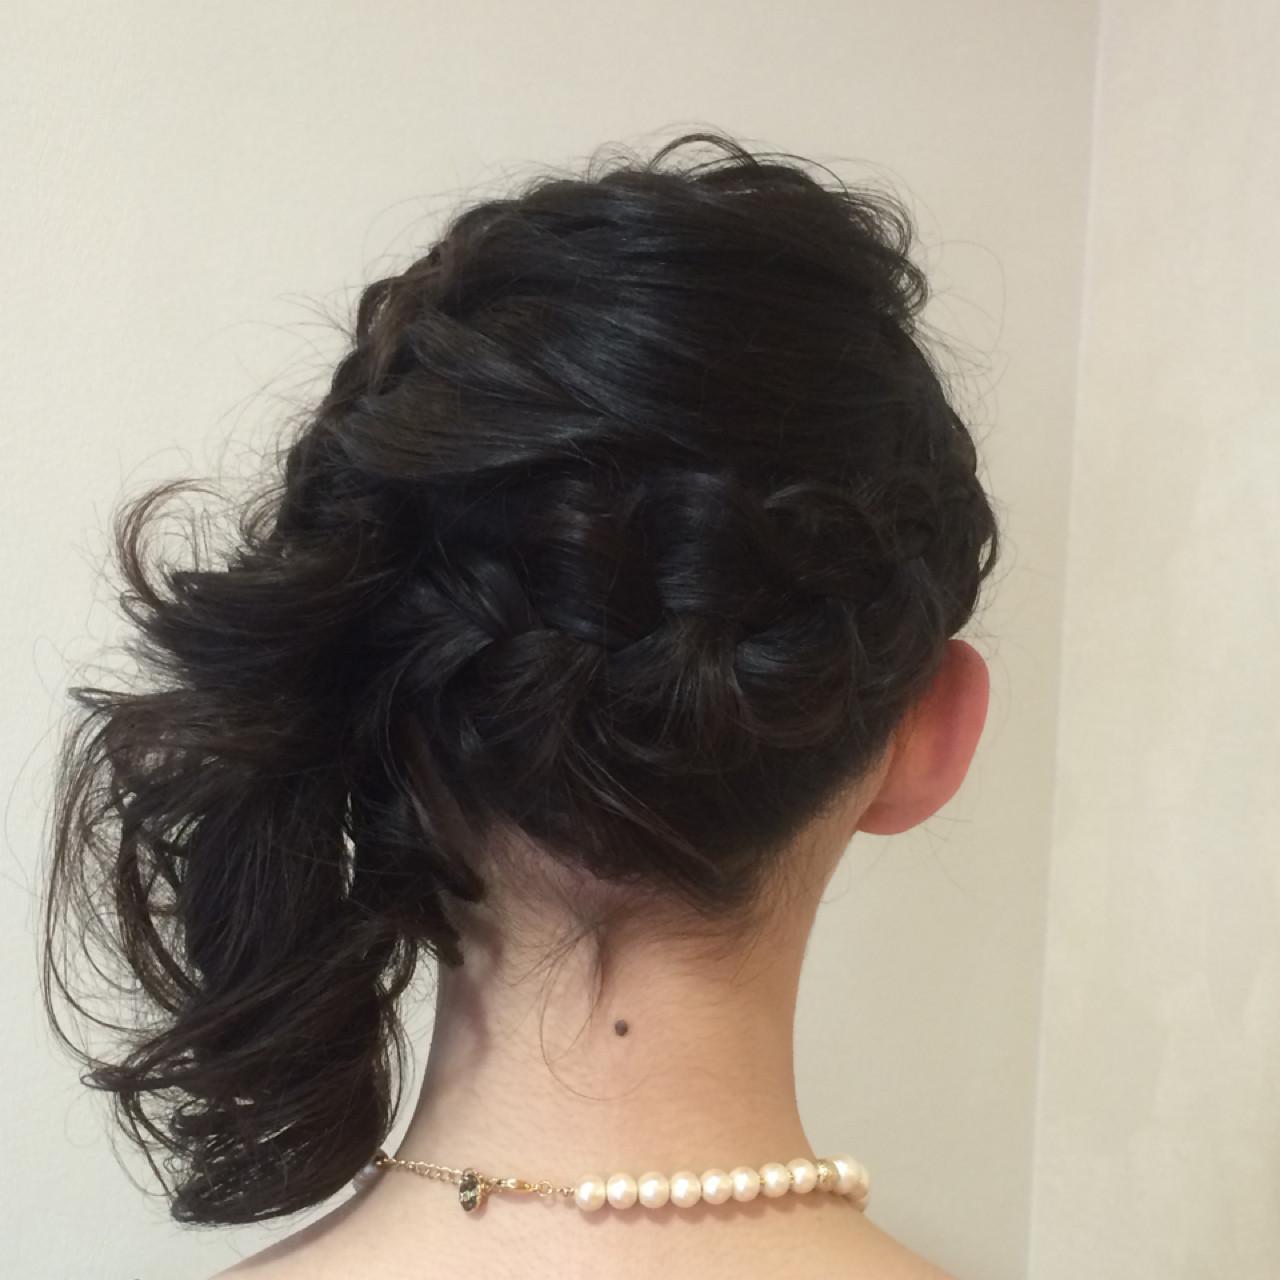 結婚式 編み込み ヘアアレンジ まとめ髪 ヘアスタイルや髪型の写真・画像 | 木脇麻未 / トータルビューティーデザインオフコース